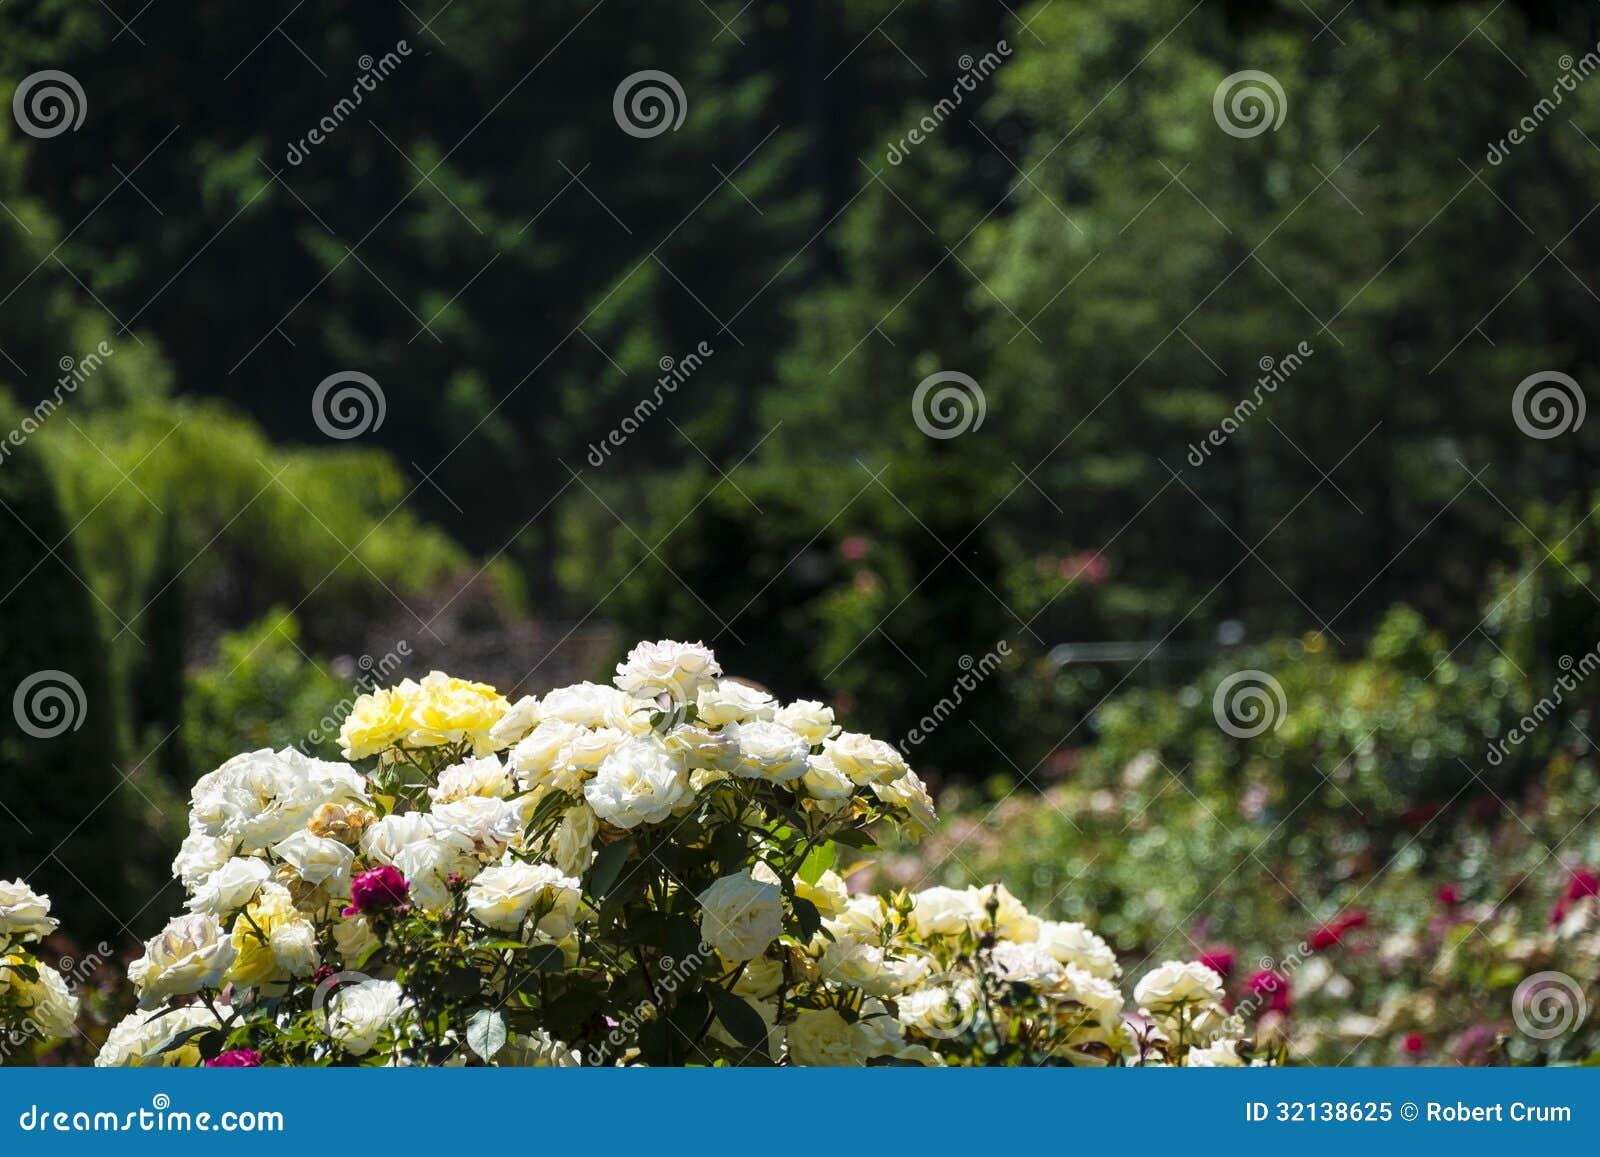 jardim rosas amarelas : jardim rosas amarelas:Rosas Brancas E Amarelas No Jardim Foto de Stock Royalty Free – Imagem